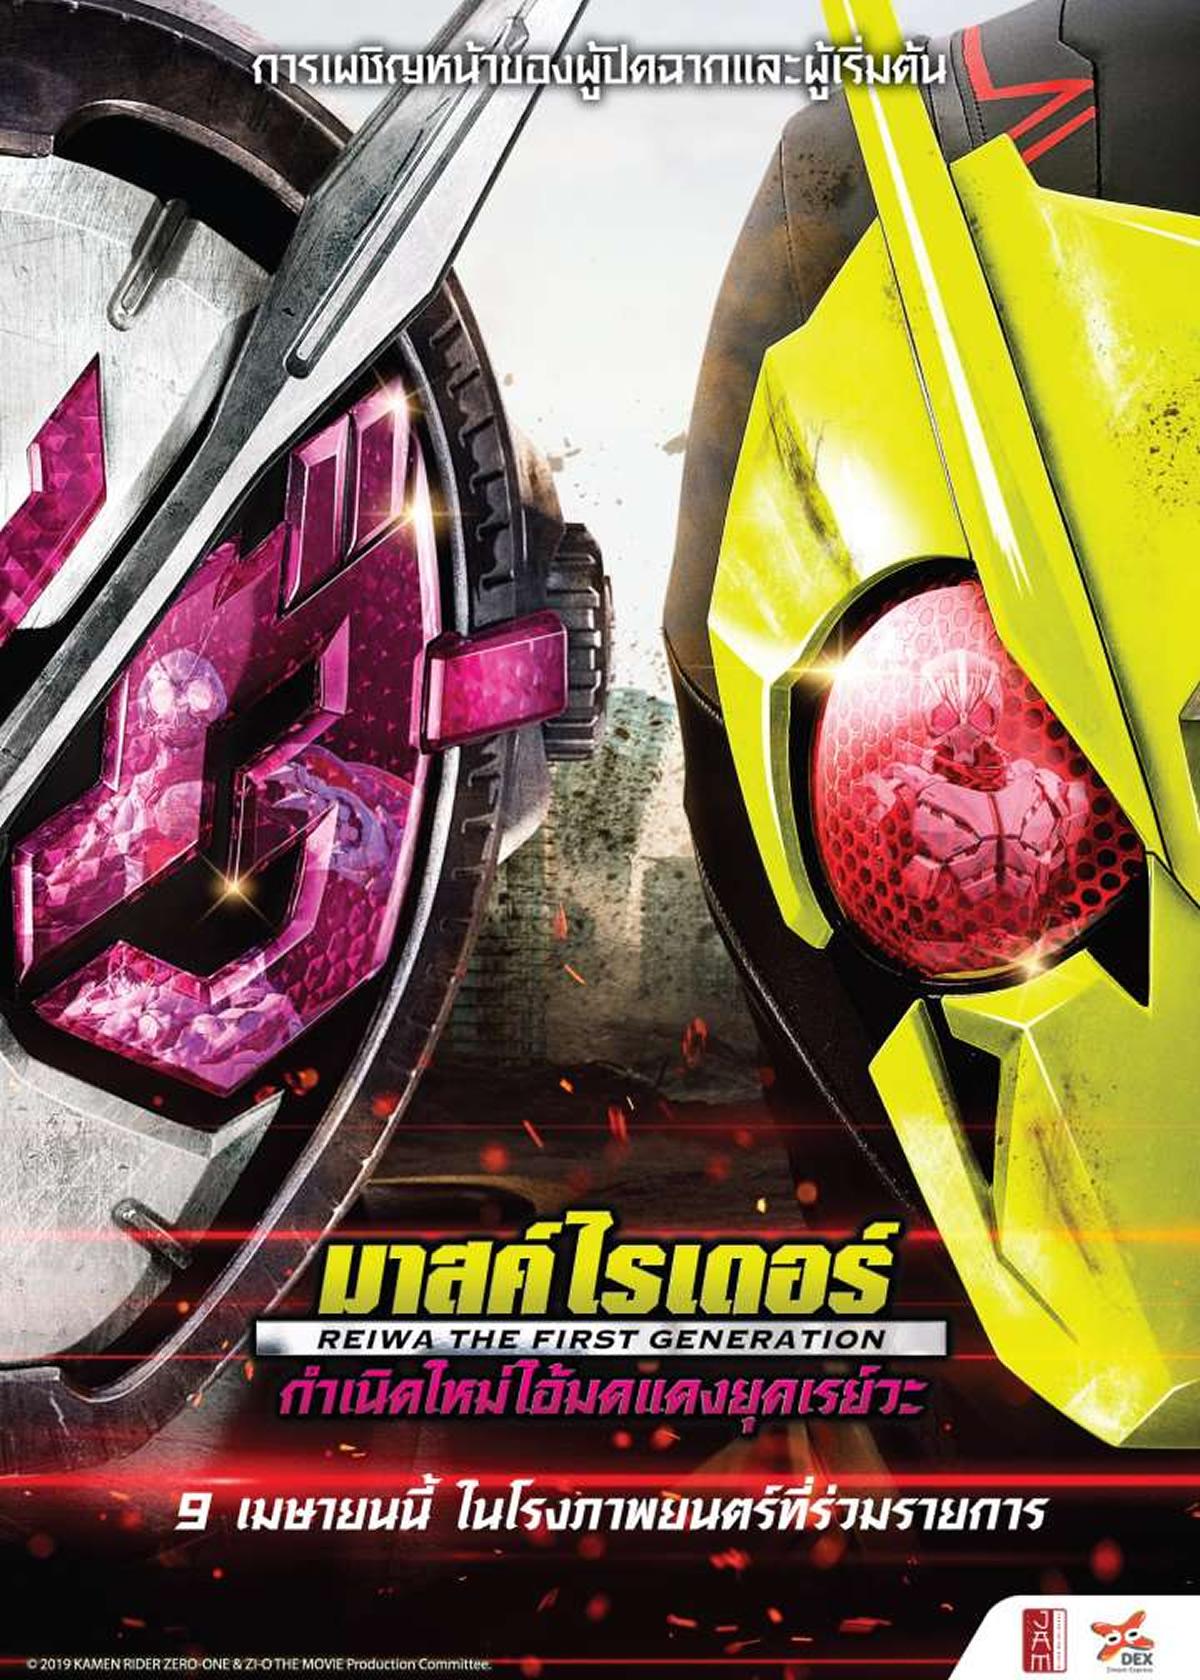 「仮面ライダー 令和 ザ・ファースト・ジェネレーション」がタイの映画館で2020年7月9日公開